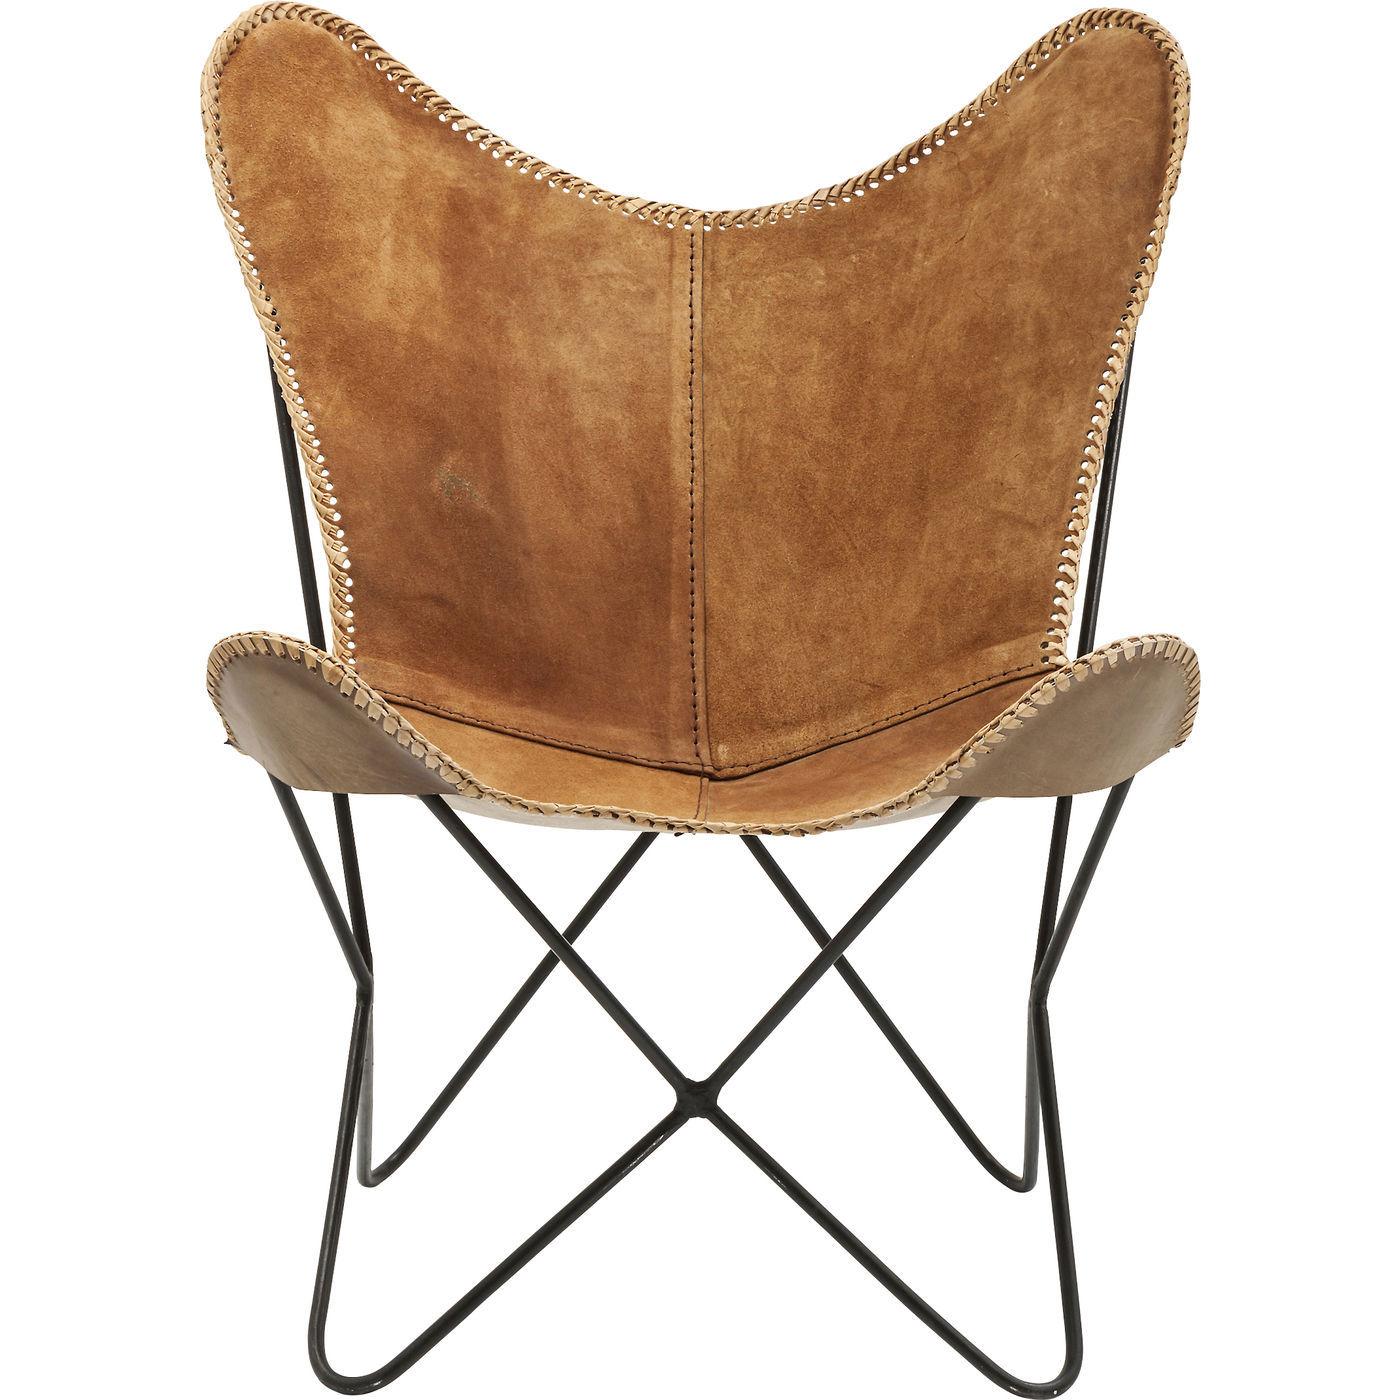 Billede af Kare Design Hvilestol m. Armlæn, Butterfly Suede Leather Brow